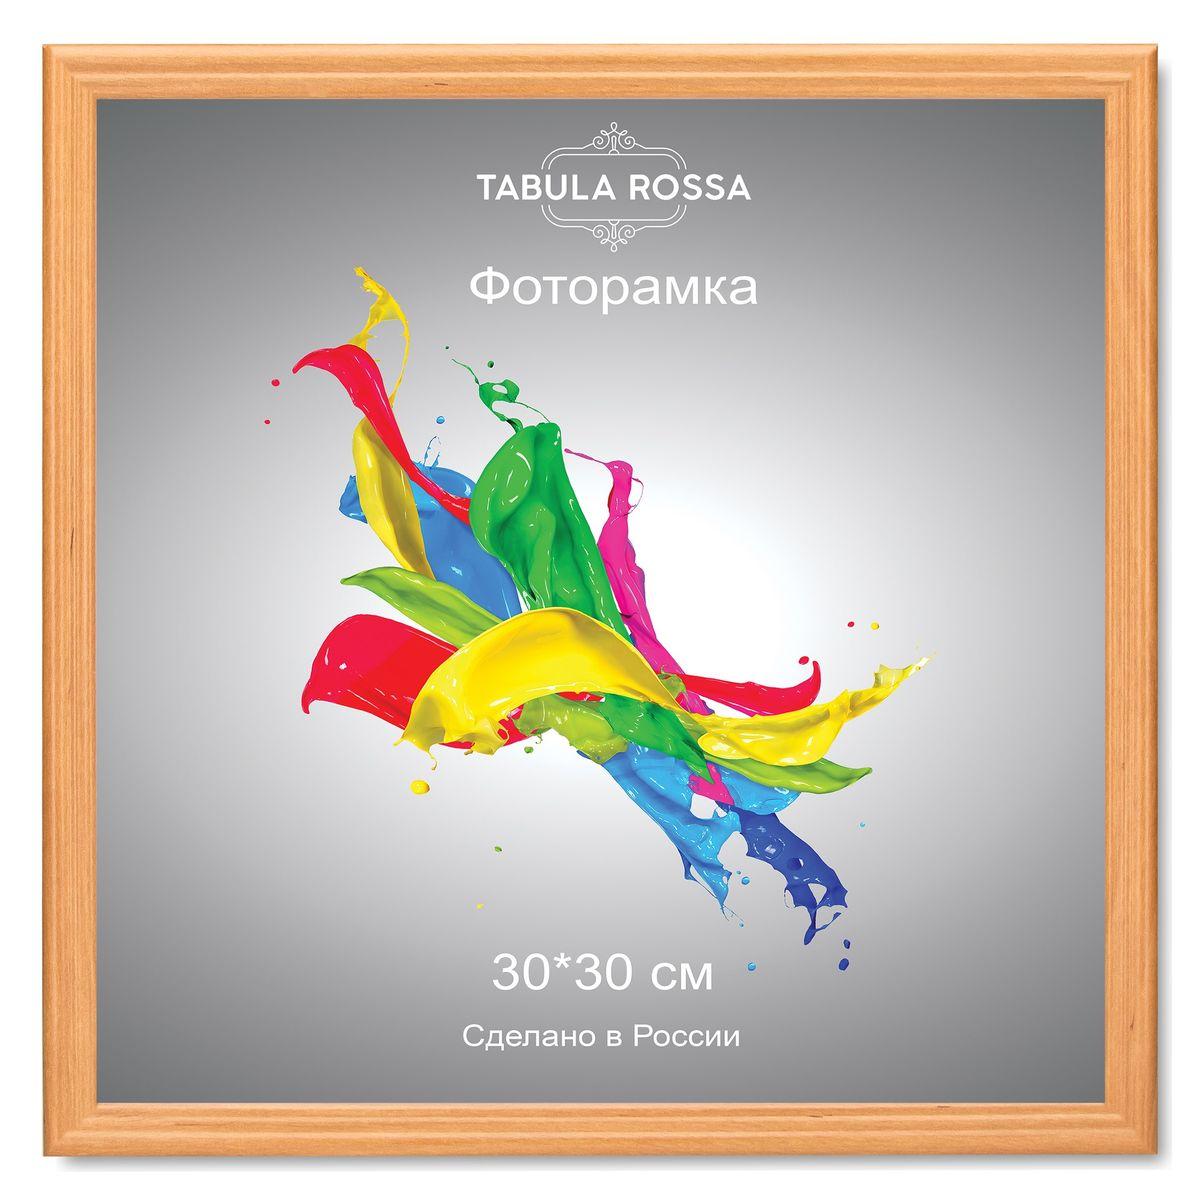 """Фото Фоторамка """"Tabula Rossa"""", цвет: ольха, 30 х 30 см. ТР 5140. Купить  в РФ"""